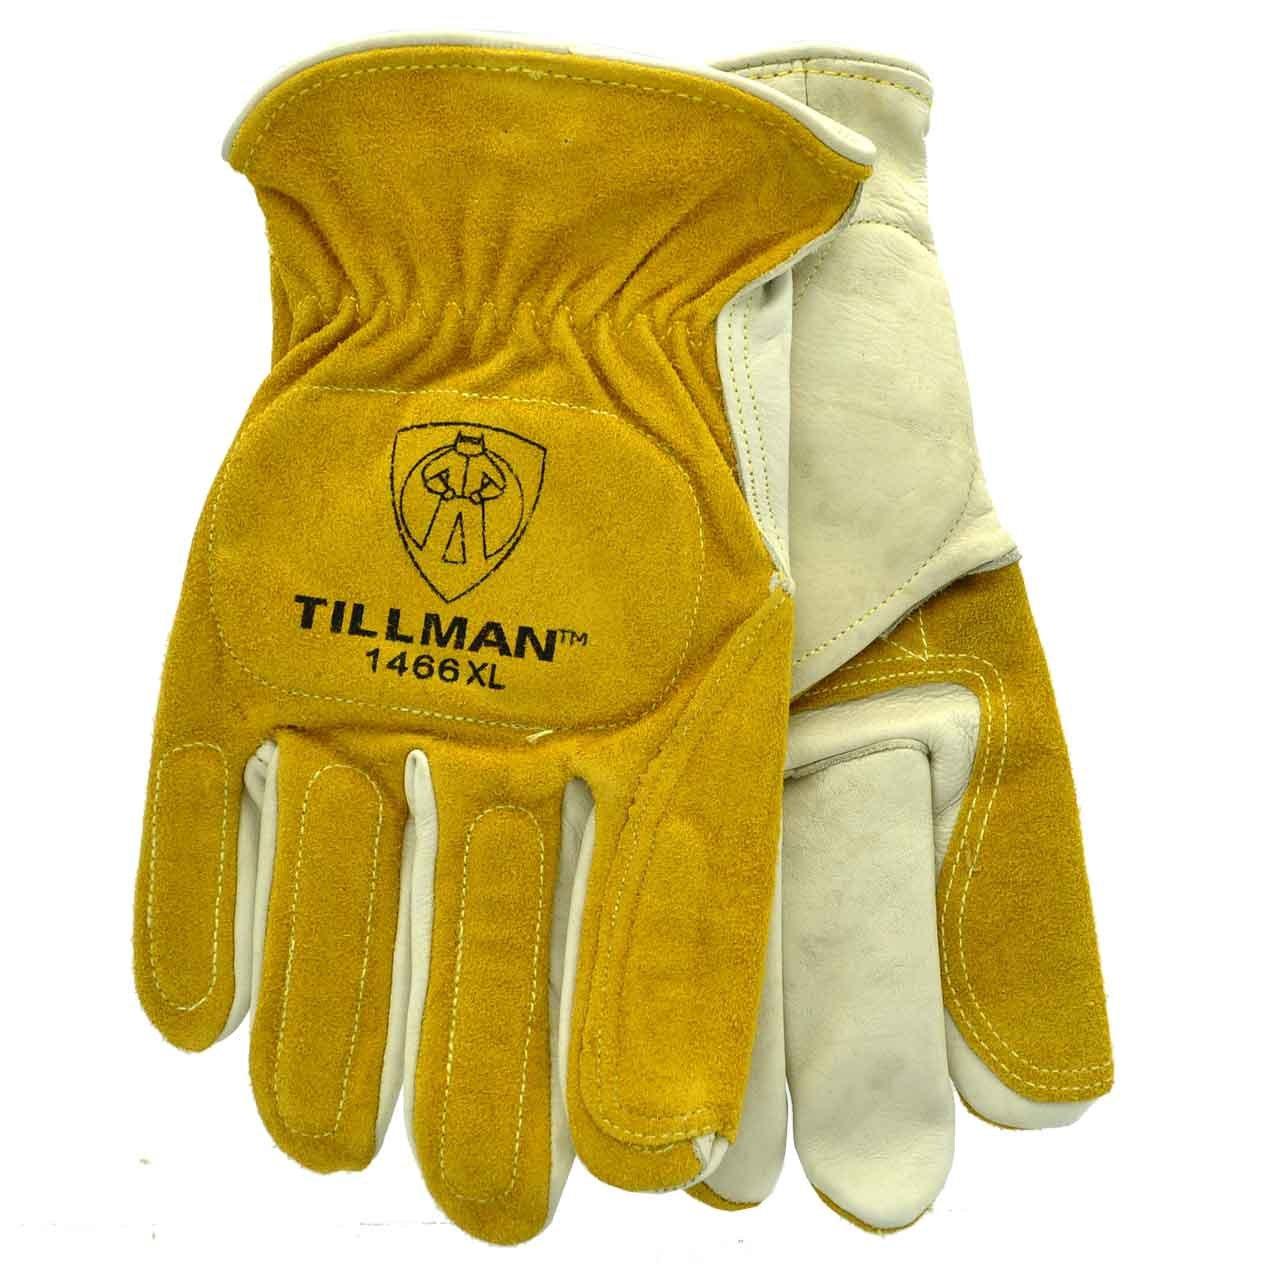 Tillman 1466 Top Grain Cowhide/Split Double Palm Drivers Gloves, X-Large